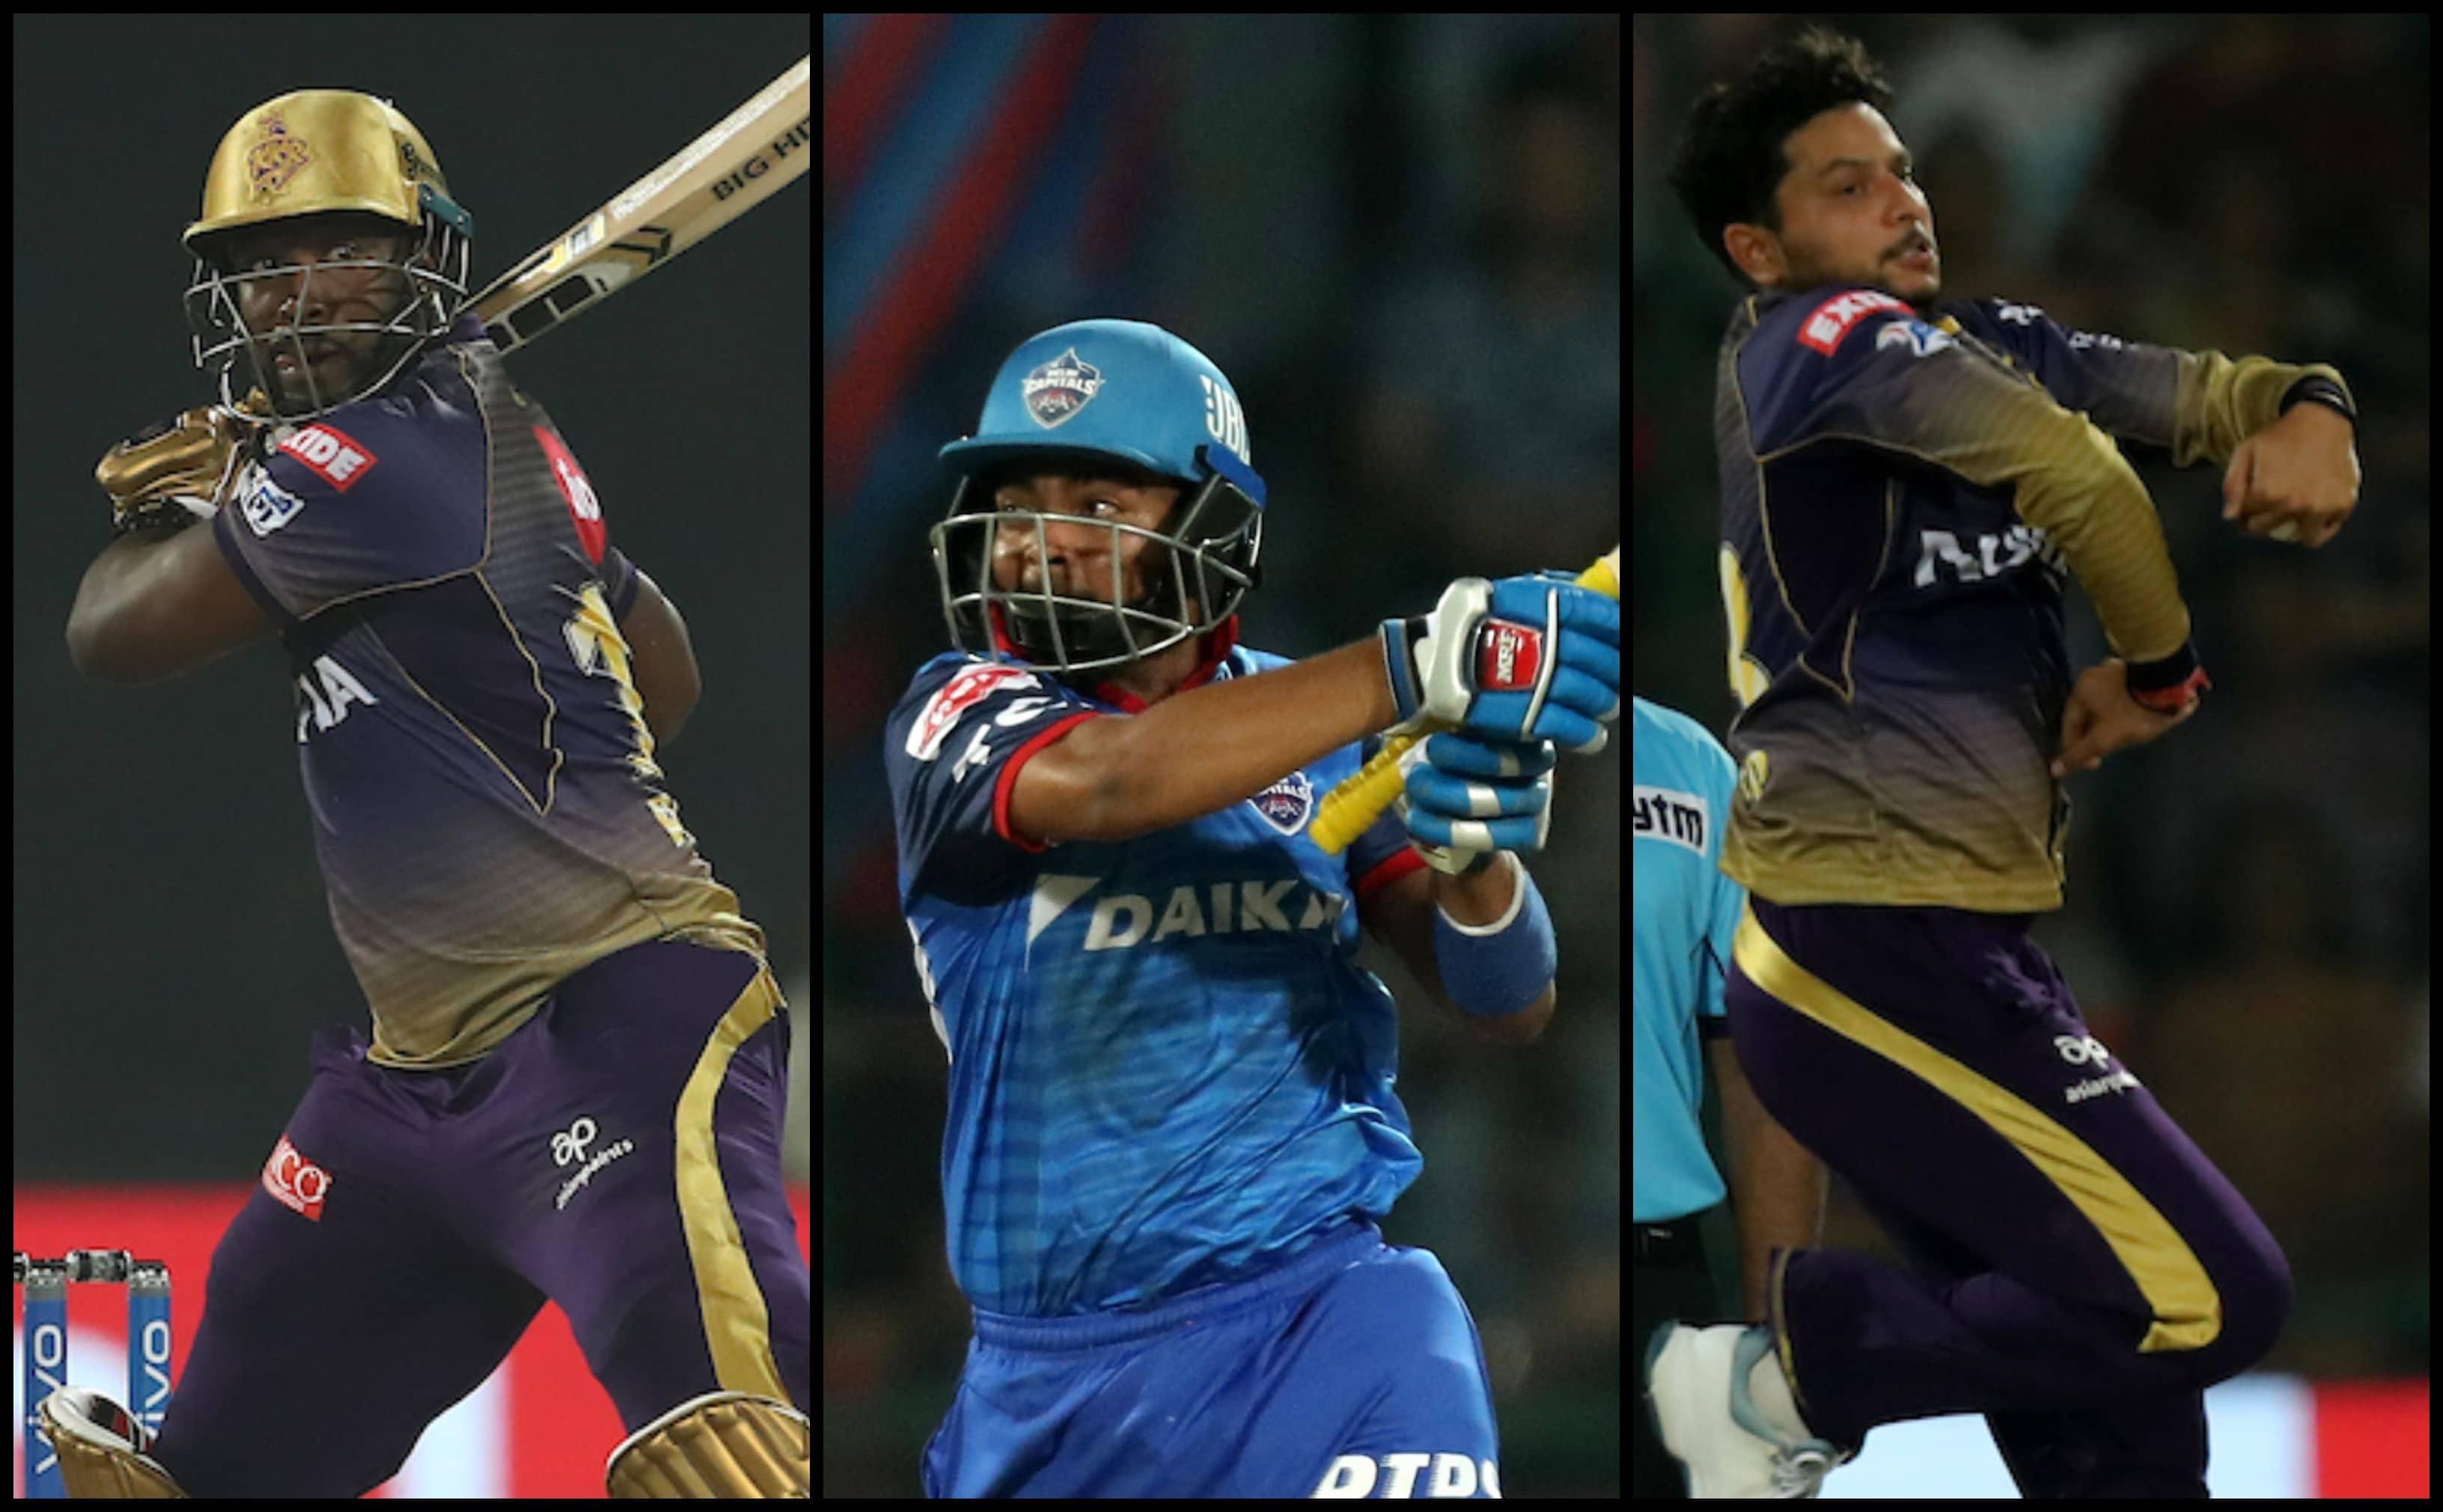 IPL 2019, Delhi Capitals vs Kolkata Knight Riders, highlights: Andre Russell, Prithvi Shaw's half century; Kuldeep Yadav's death over